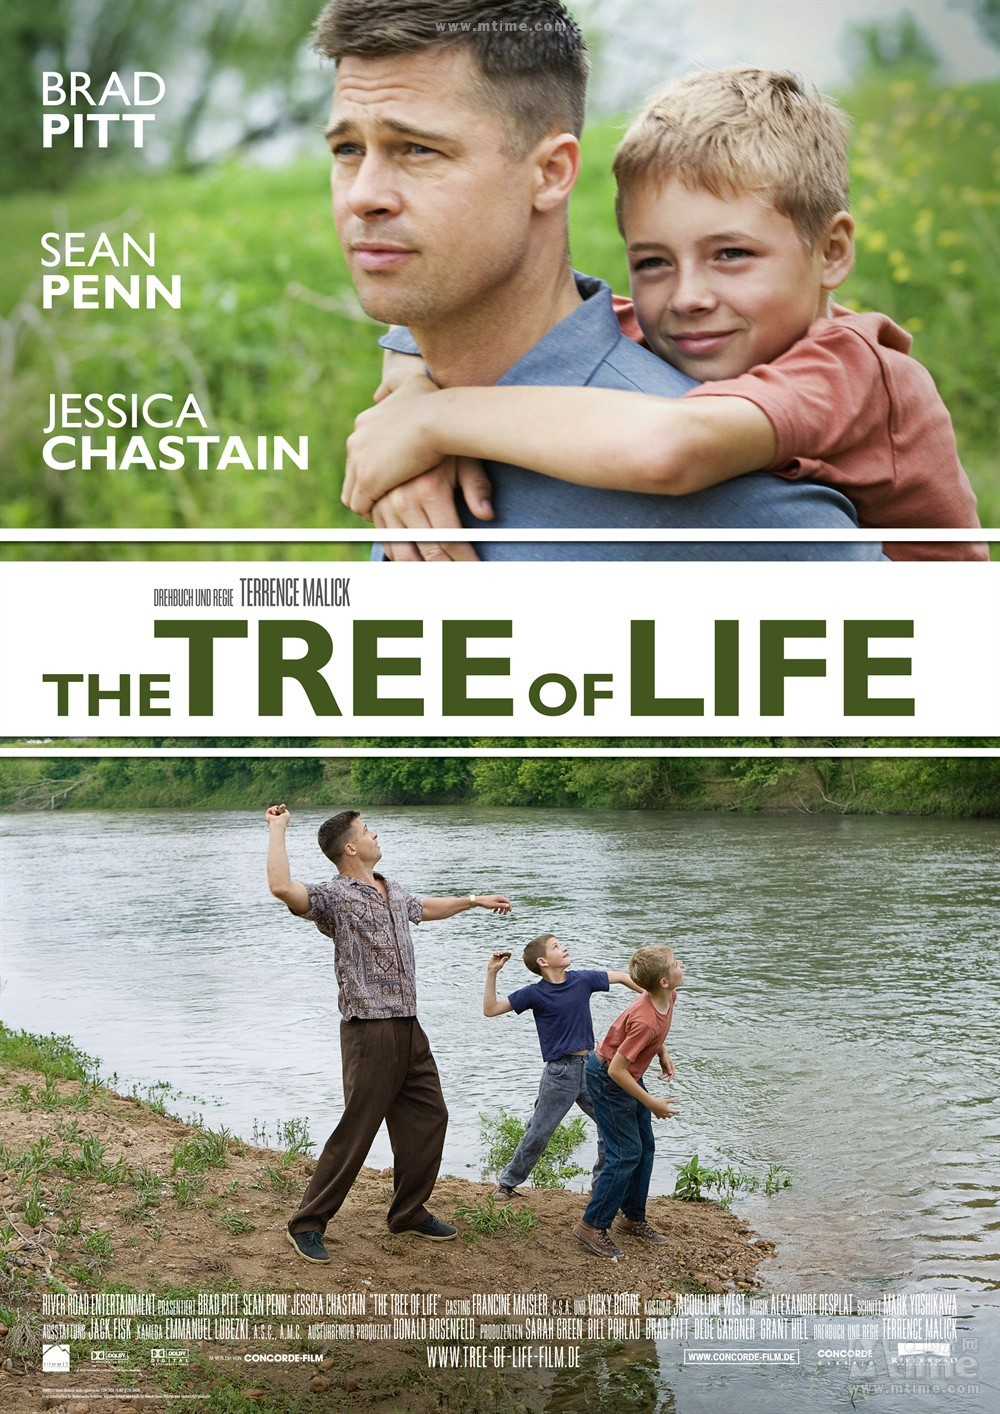 《生命之树》为什么要插入与剧情无关的大自然画面?